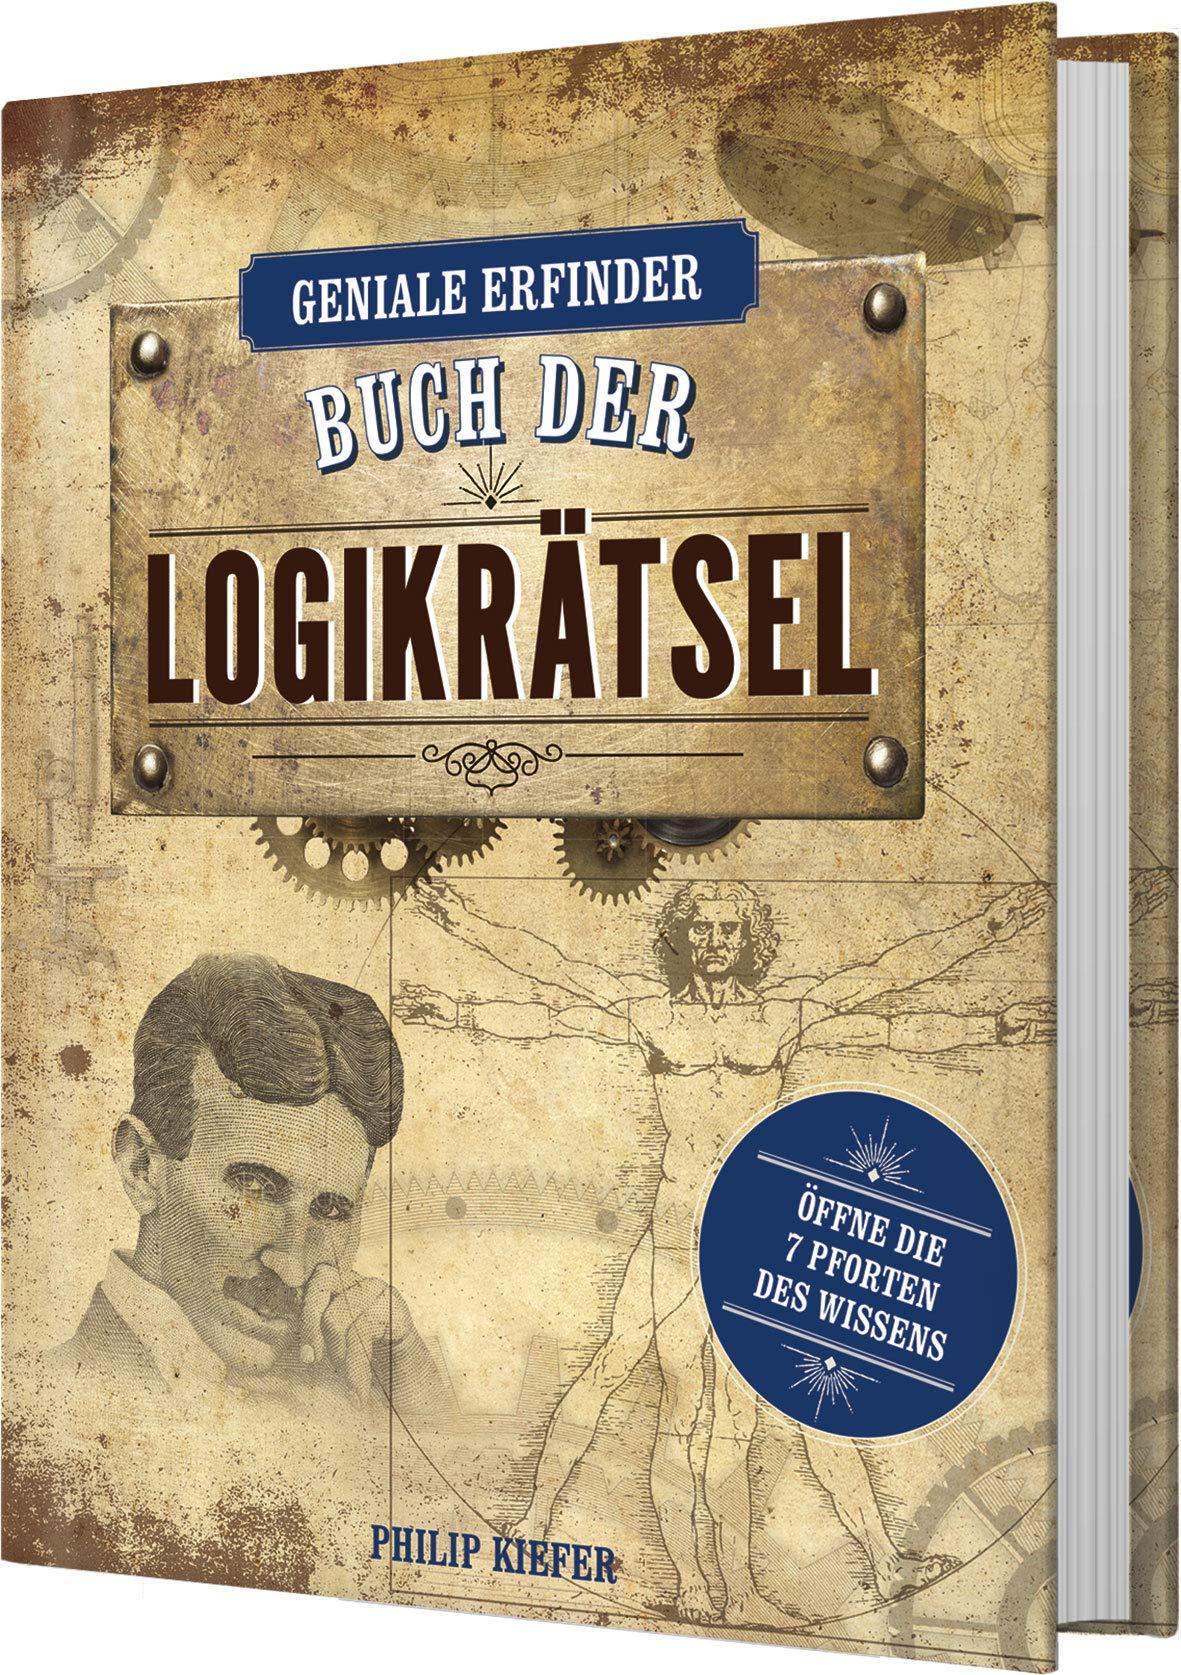 Geniale Erfinder  Buch Der Logikrätsel  Öffne Die 7 Pforten Des Wissens